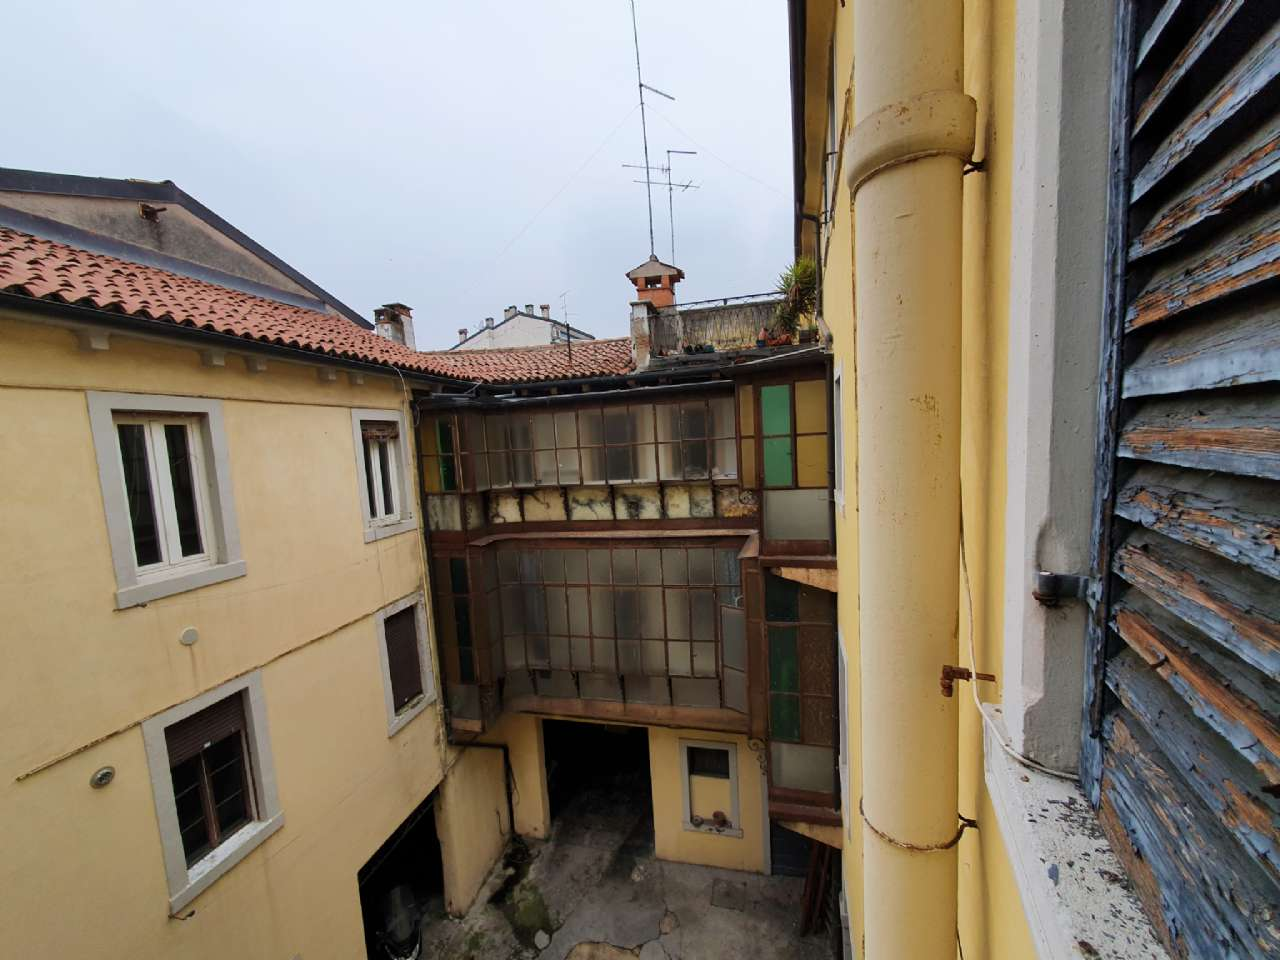 Trilocale, Vicolo Disciplina, centro storico, Verona, foto 18